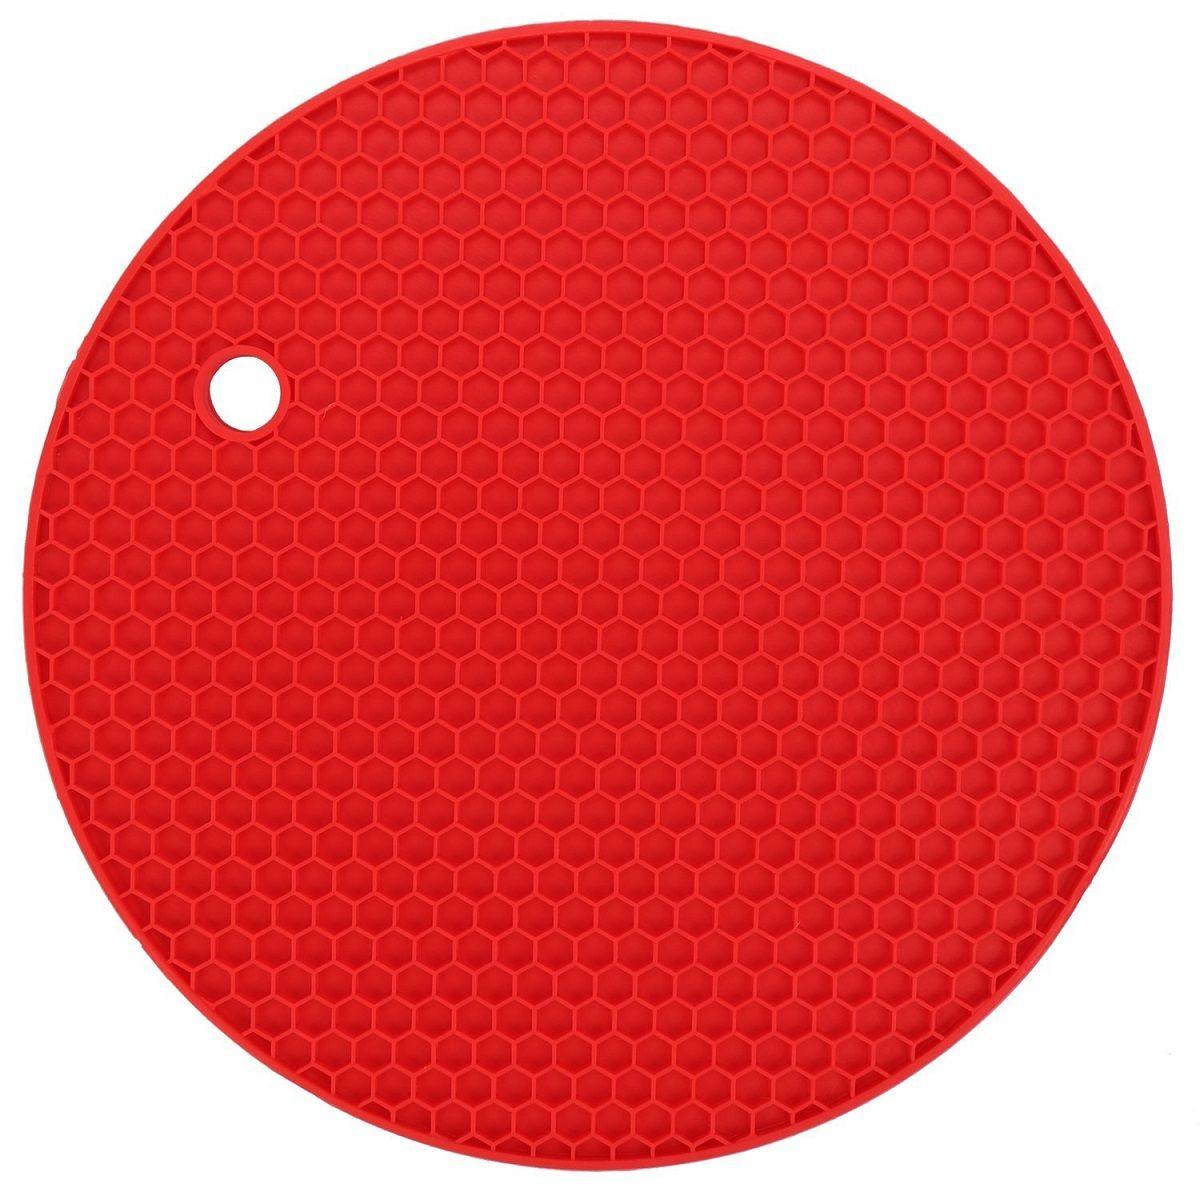 Подставка под горячее FidgetGo Круг, цвет: красный2212345678943На современной кухне силиконовые изделия занимают все больше места. Так как этот материал удобен в обращении, он легкий, к нему не пристает жир и масло, моется легко в теплой воде! Силиконовая подставка под горячее FidgetGo Круг - это практичная и удобная вещь, на нее можно поставить горячую сковороду, кастрюли, противень и многое другое. Подставка не скользит по поверхности, даже если покрытие стола глянцевое!Подставка выдерживает до 230°С, сделана из безопасного пищевого силикона. Ее можно мыть в посудомоечной машине или использовать в микроволновке.